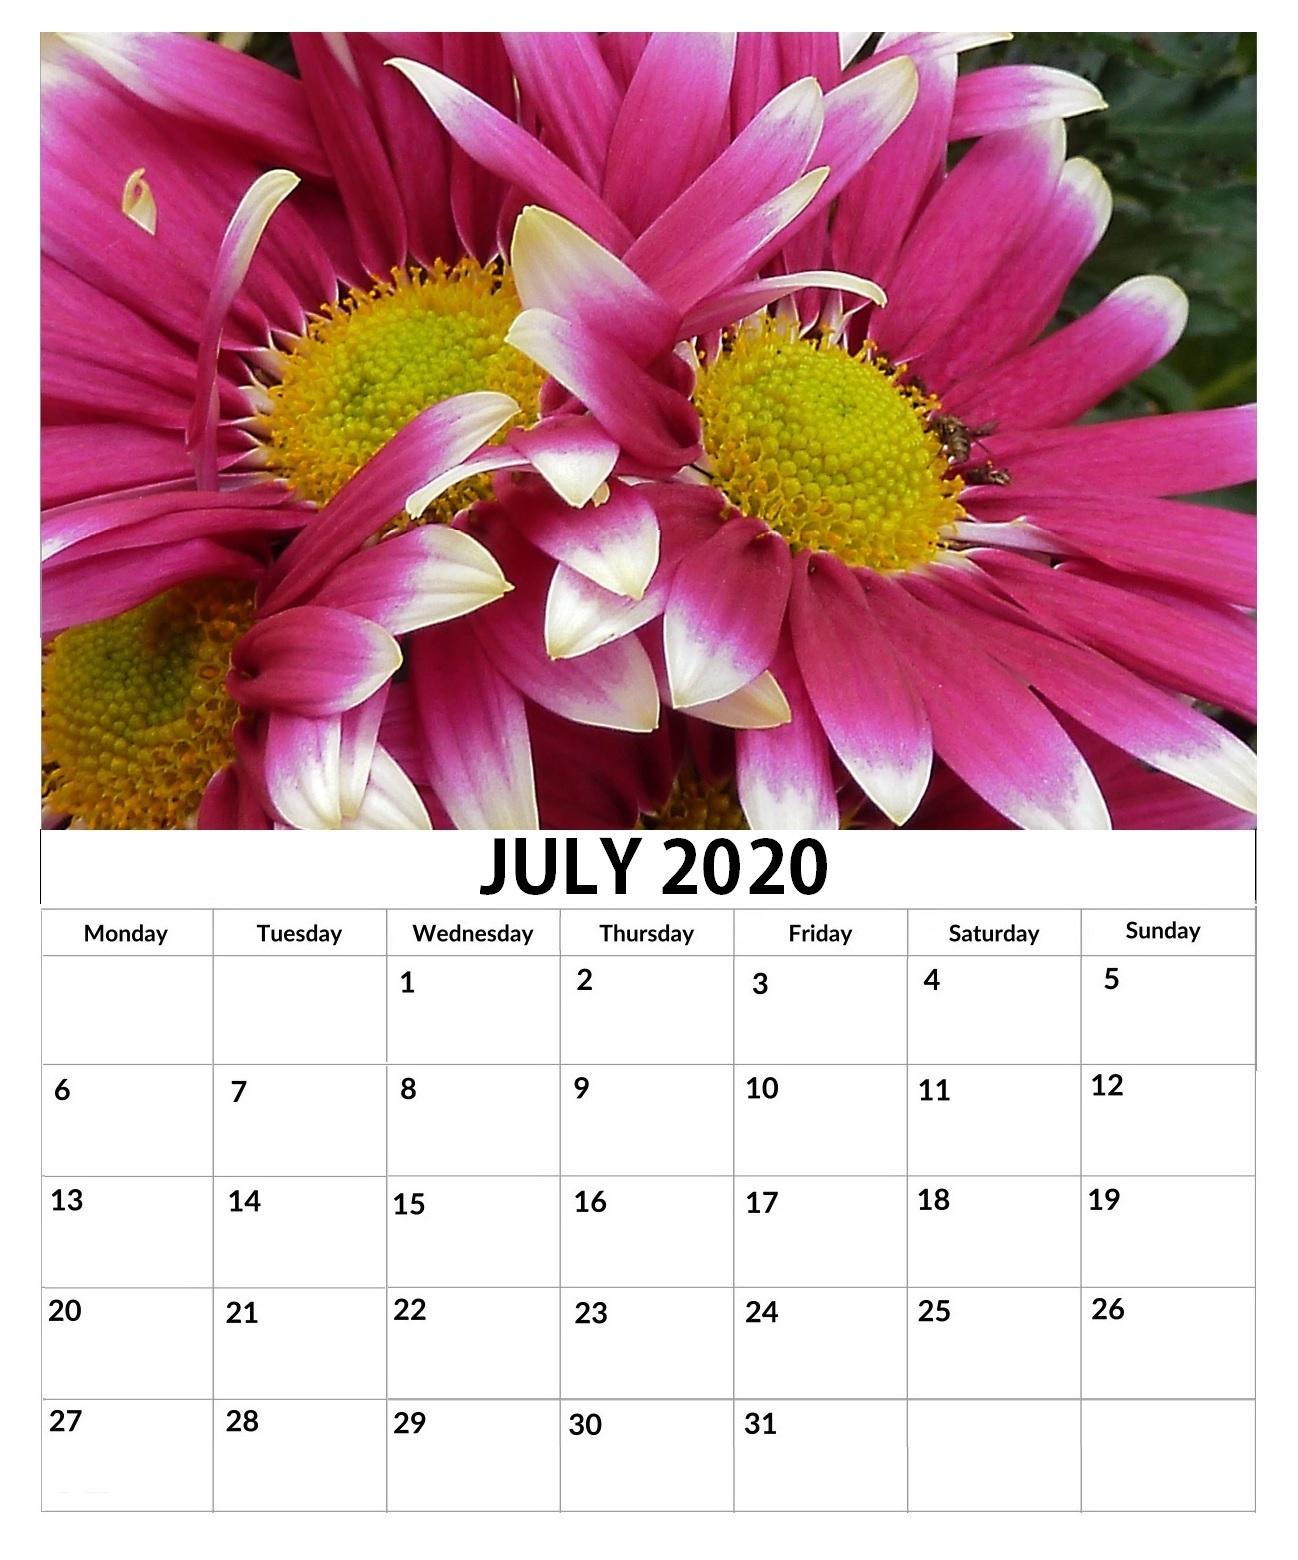 Beautiful July 2020 Wall Calendar